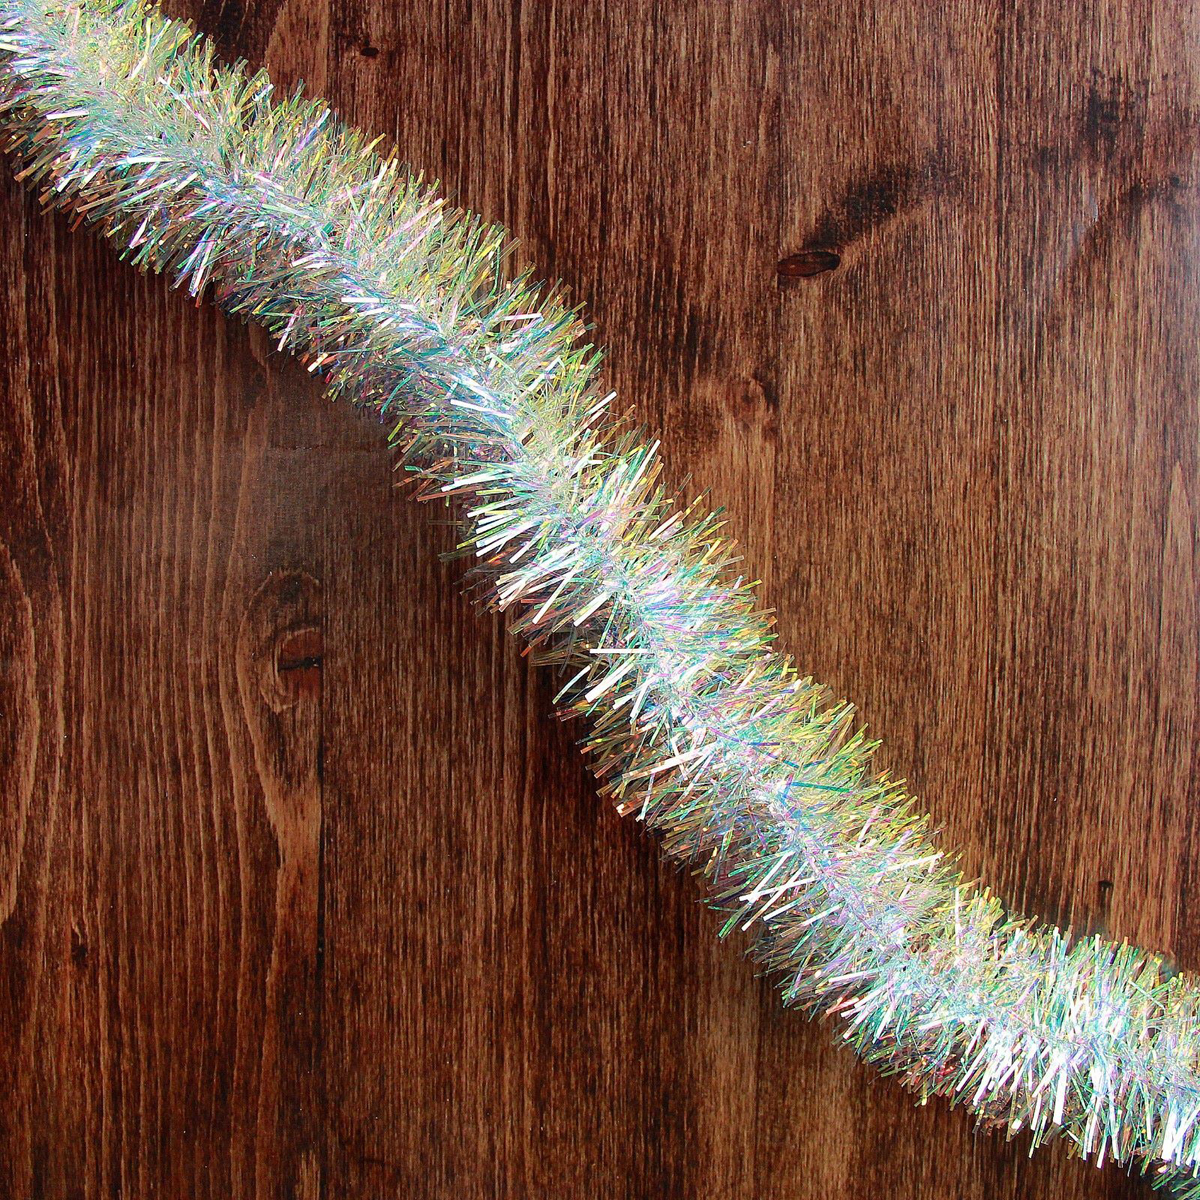 Мишура новогодняя Перламутровая, диаметр 6,5 см, длина 200 см2363868Новогодняя мишура, выполненная из ПВХ, поможет вам украсить свой дом к предстоящим праздникам. Новогодняя елка с таким украшением станет еще наряднее. Новогодней мишурой можно украсить все, что угодно - елку, квартиру, дачу, офис - как внутри, так и снаружи. Можно сложить новогодние поздравления, буквы и цифры, мишурой можно украсить и дополнить гирлянды, можно выделить дверные колонны, оплести дверные проемы.